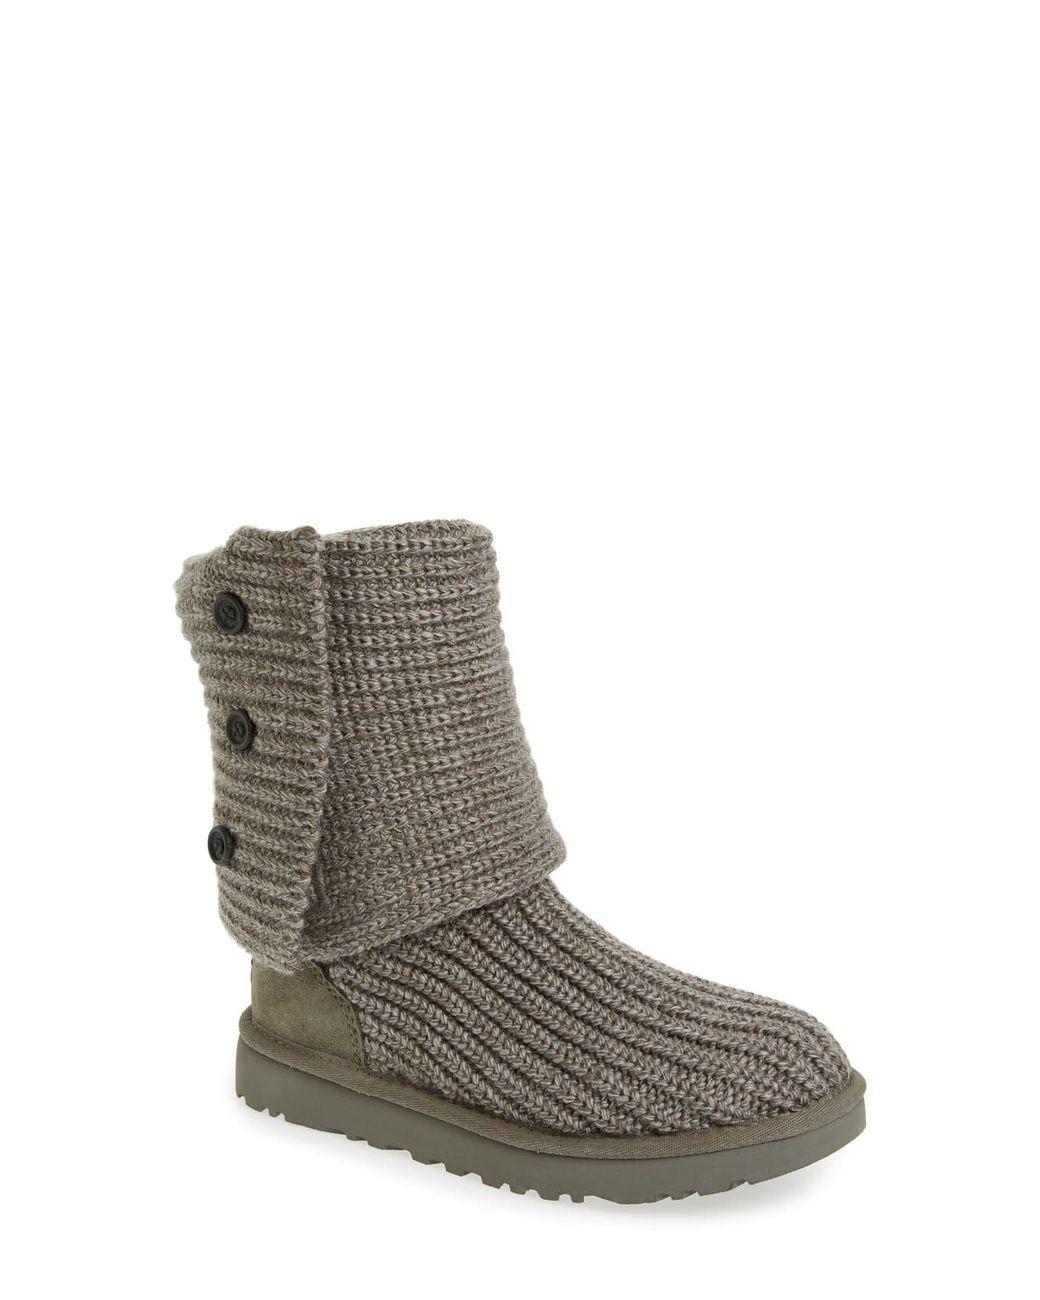 e9cd4a53b7c Women's Gray Ugg Classic Cardy Ii Knit Boot